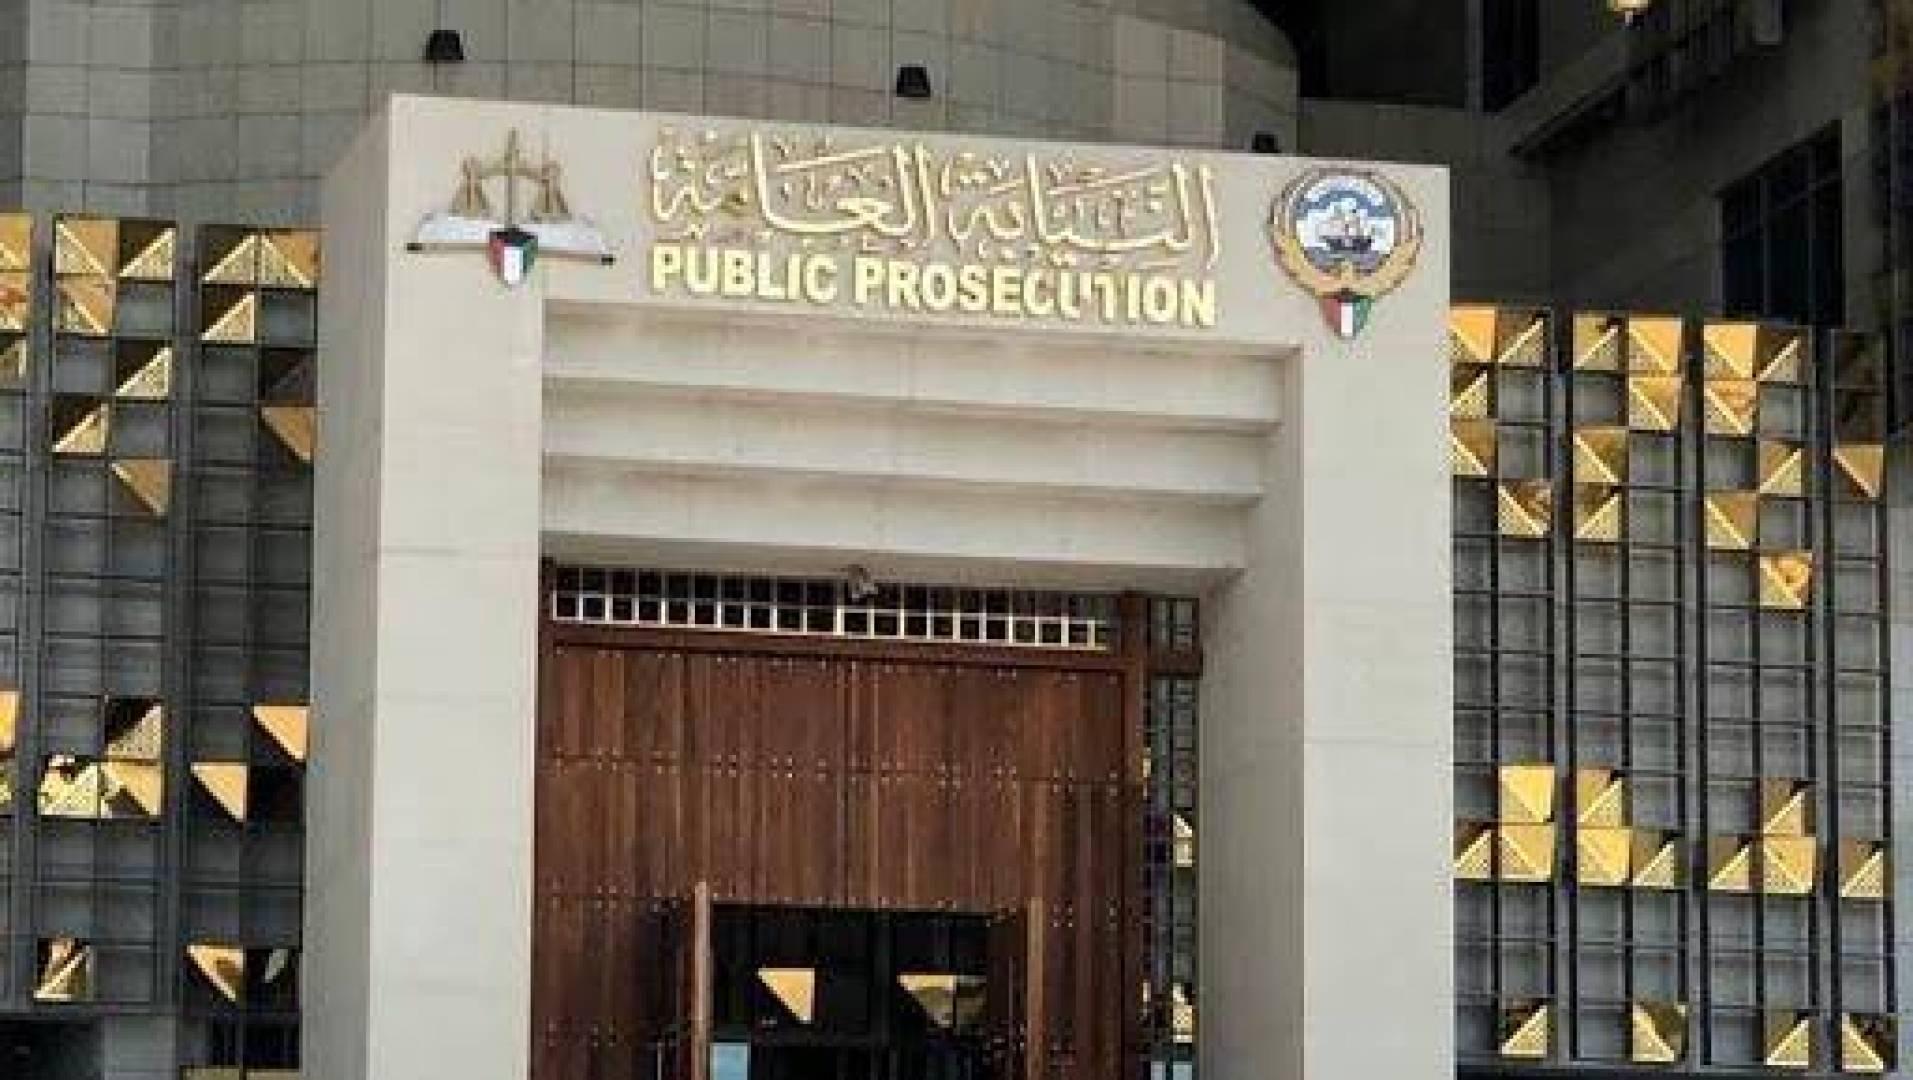 النيابة العامة تطلب جميع فواتير الـ30 مليون دينار للمشاهير